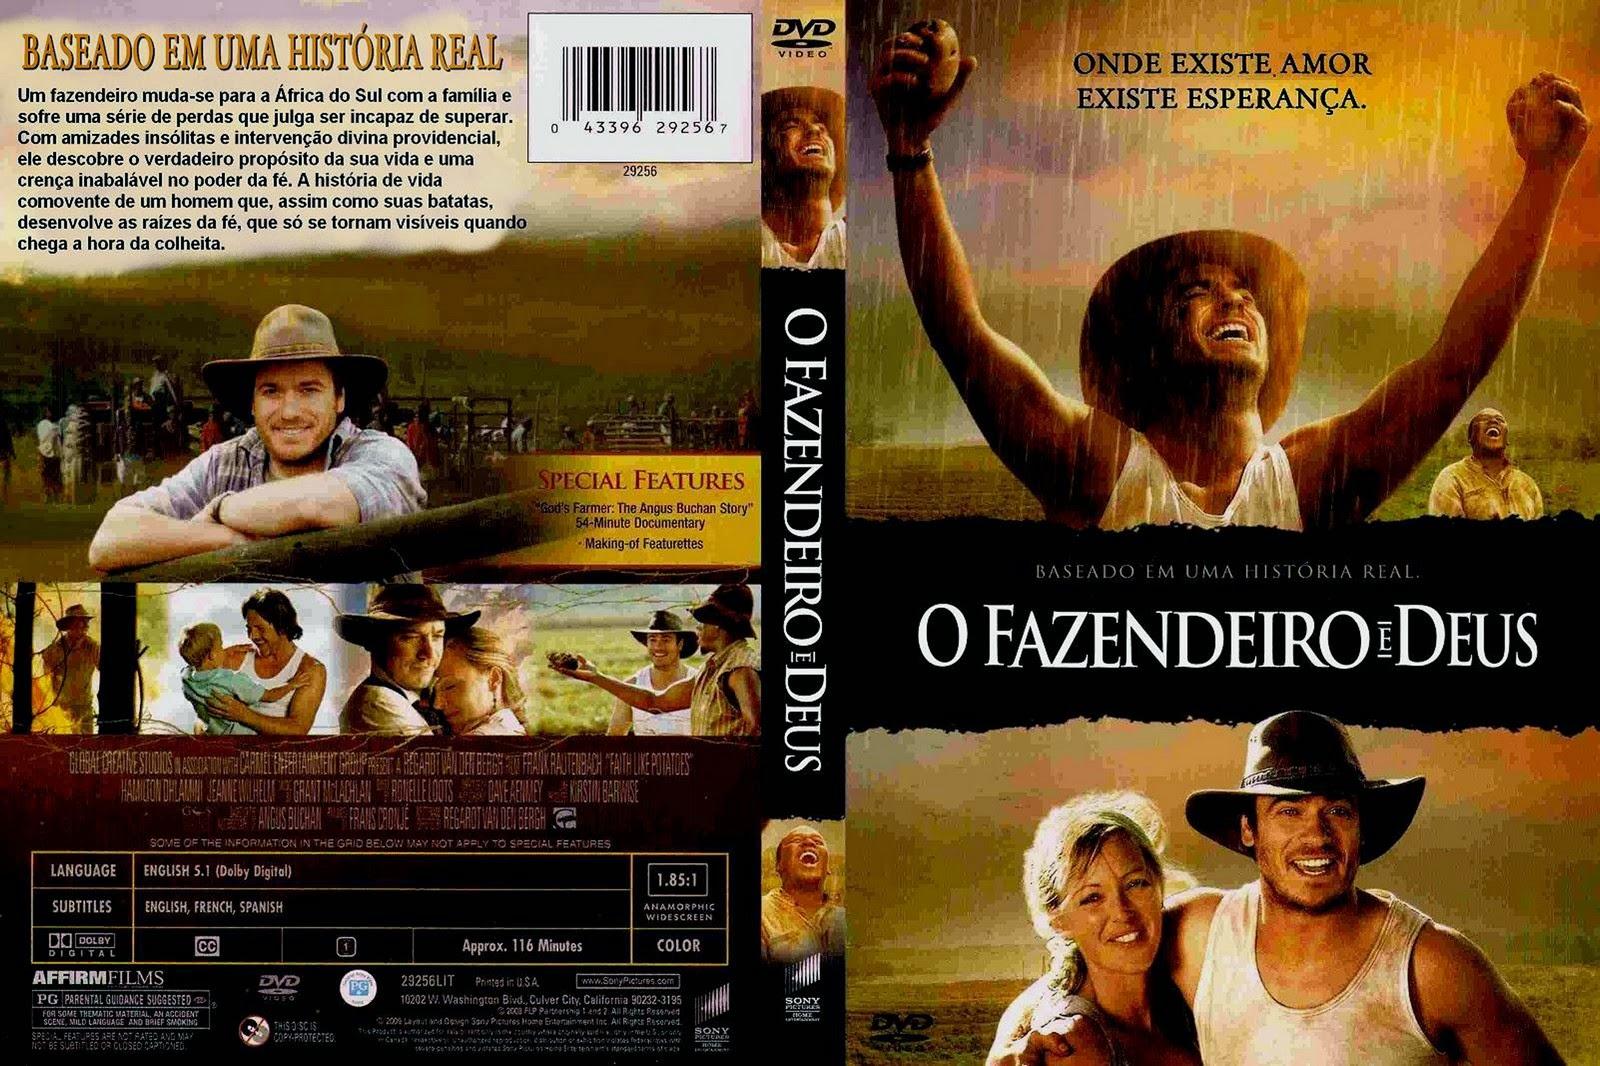 FILME ONLINE O FAZENDEIRO E DEUS ASSISTA ONLINE AQUI